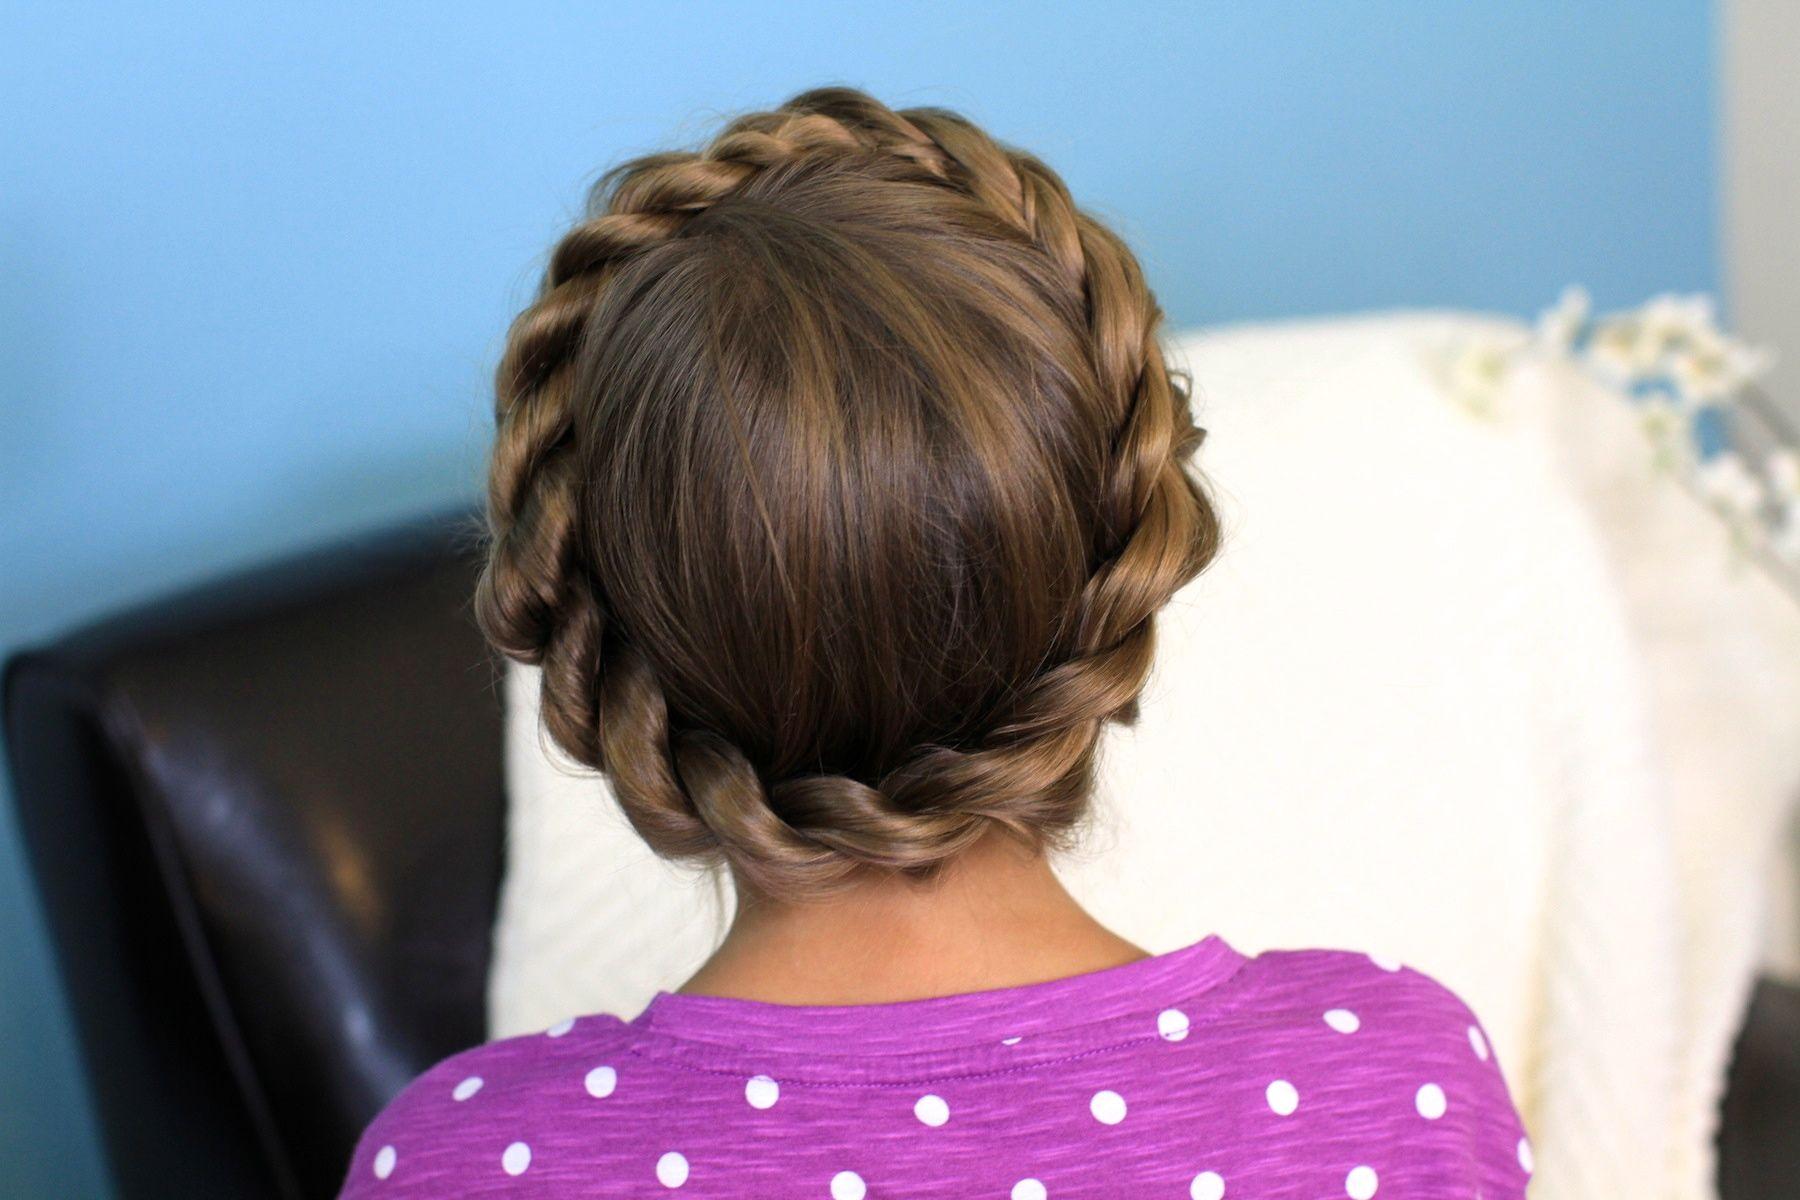 Crown rope twist braid hairstyles ideas pinterest updos rope